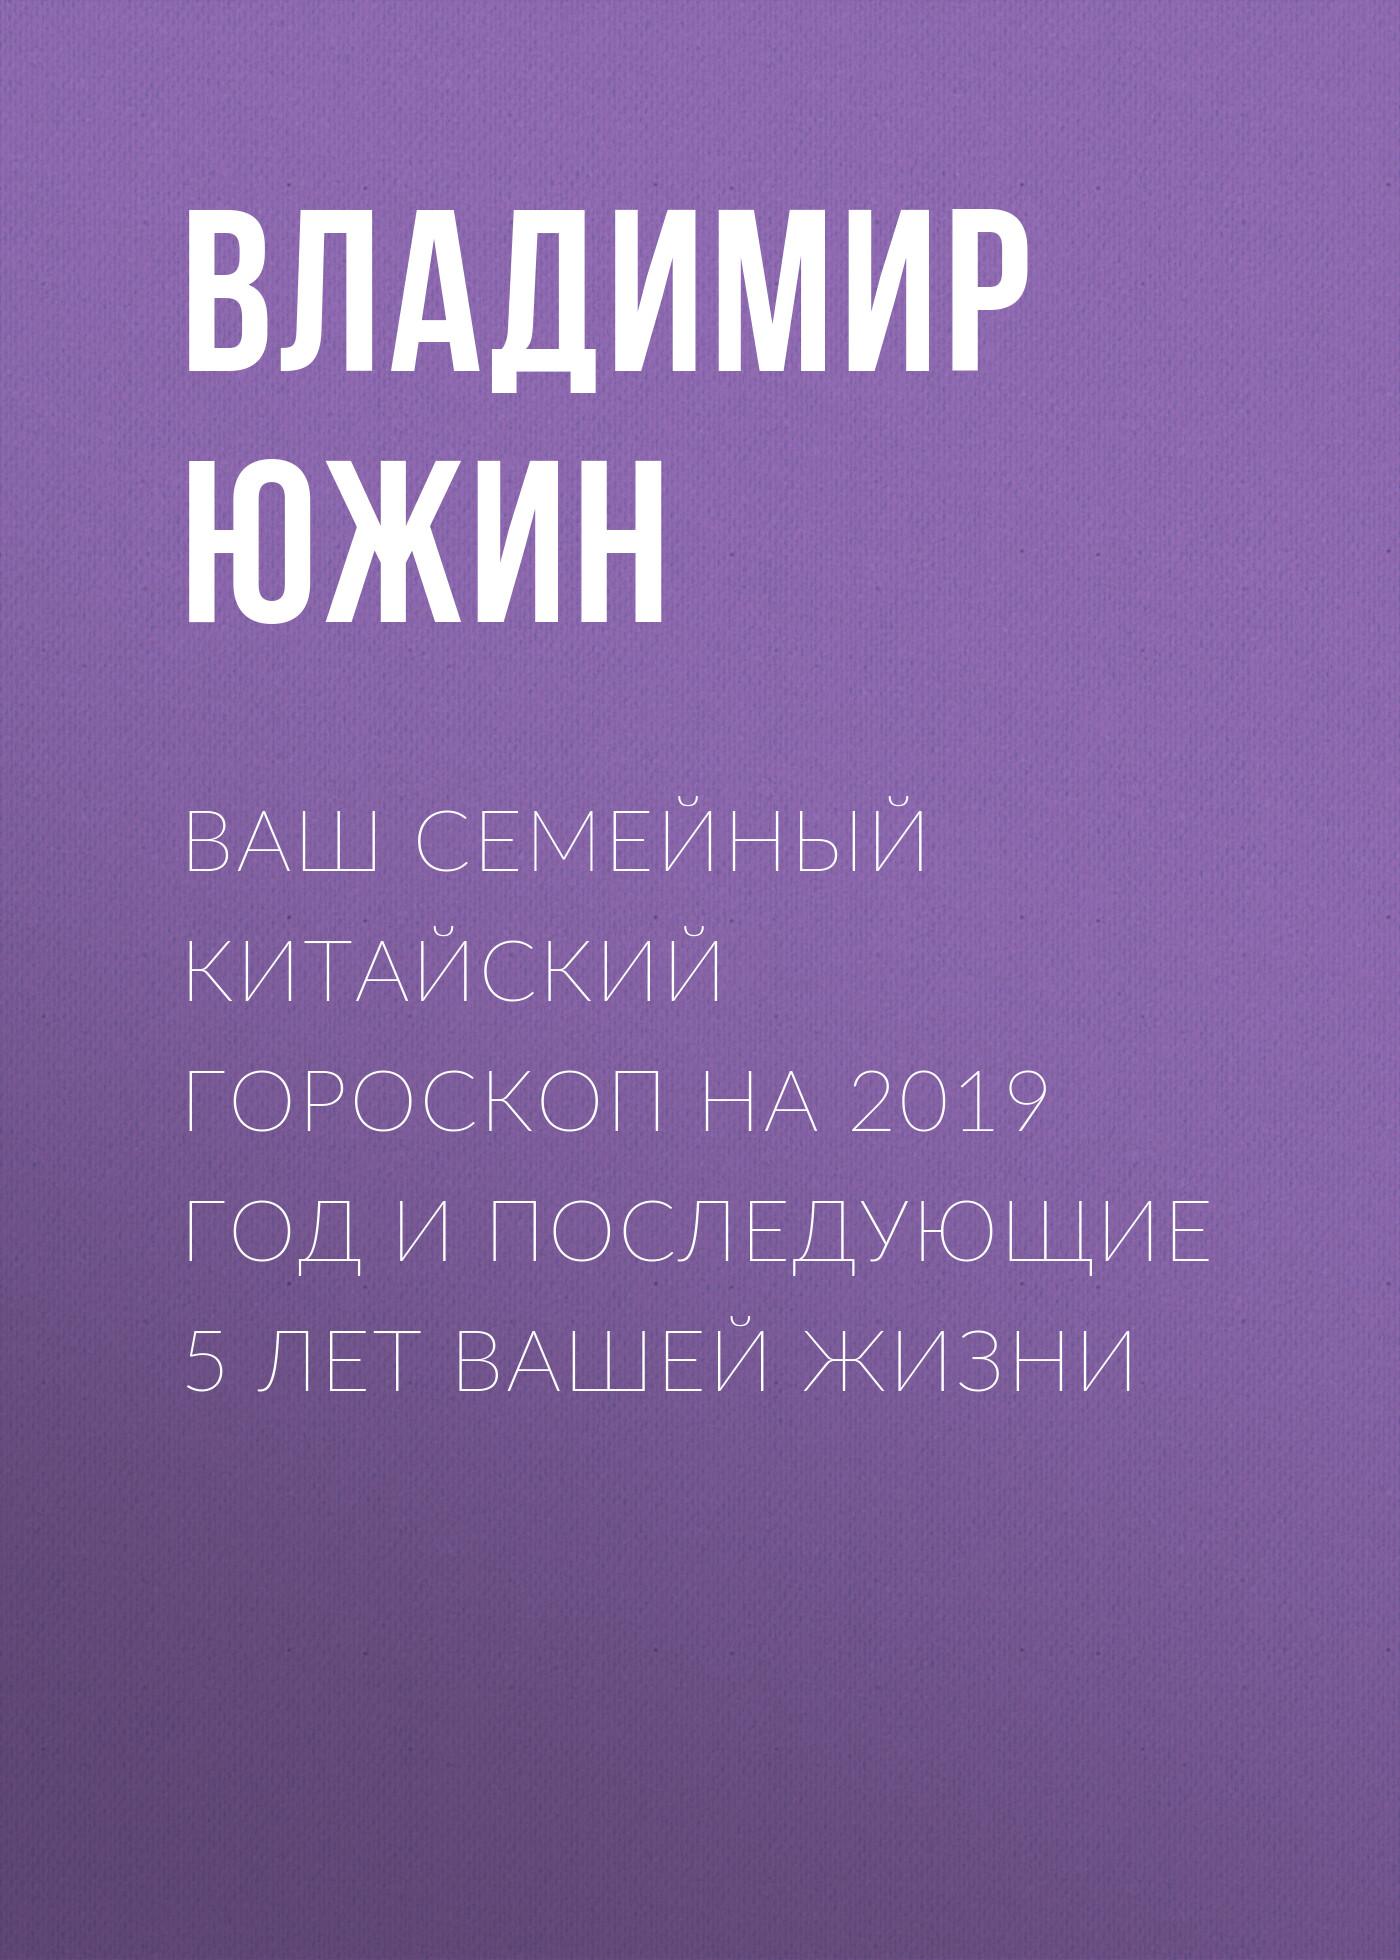 Владимир Южин Ваш семейный китайский гороскоп на 2019 год и последующие 5 лет вашей жизни